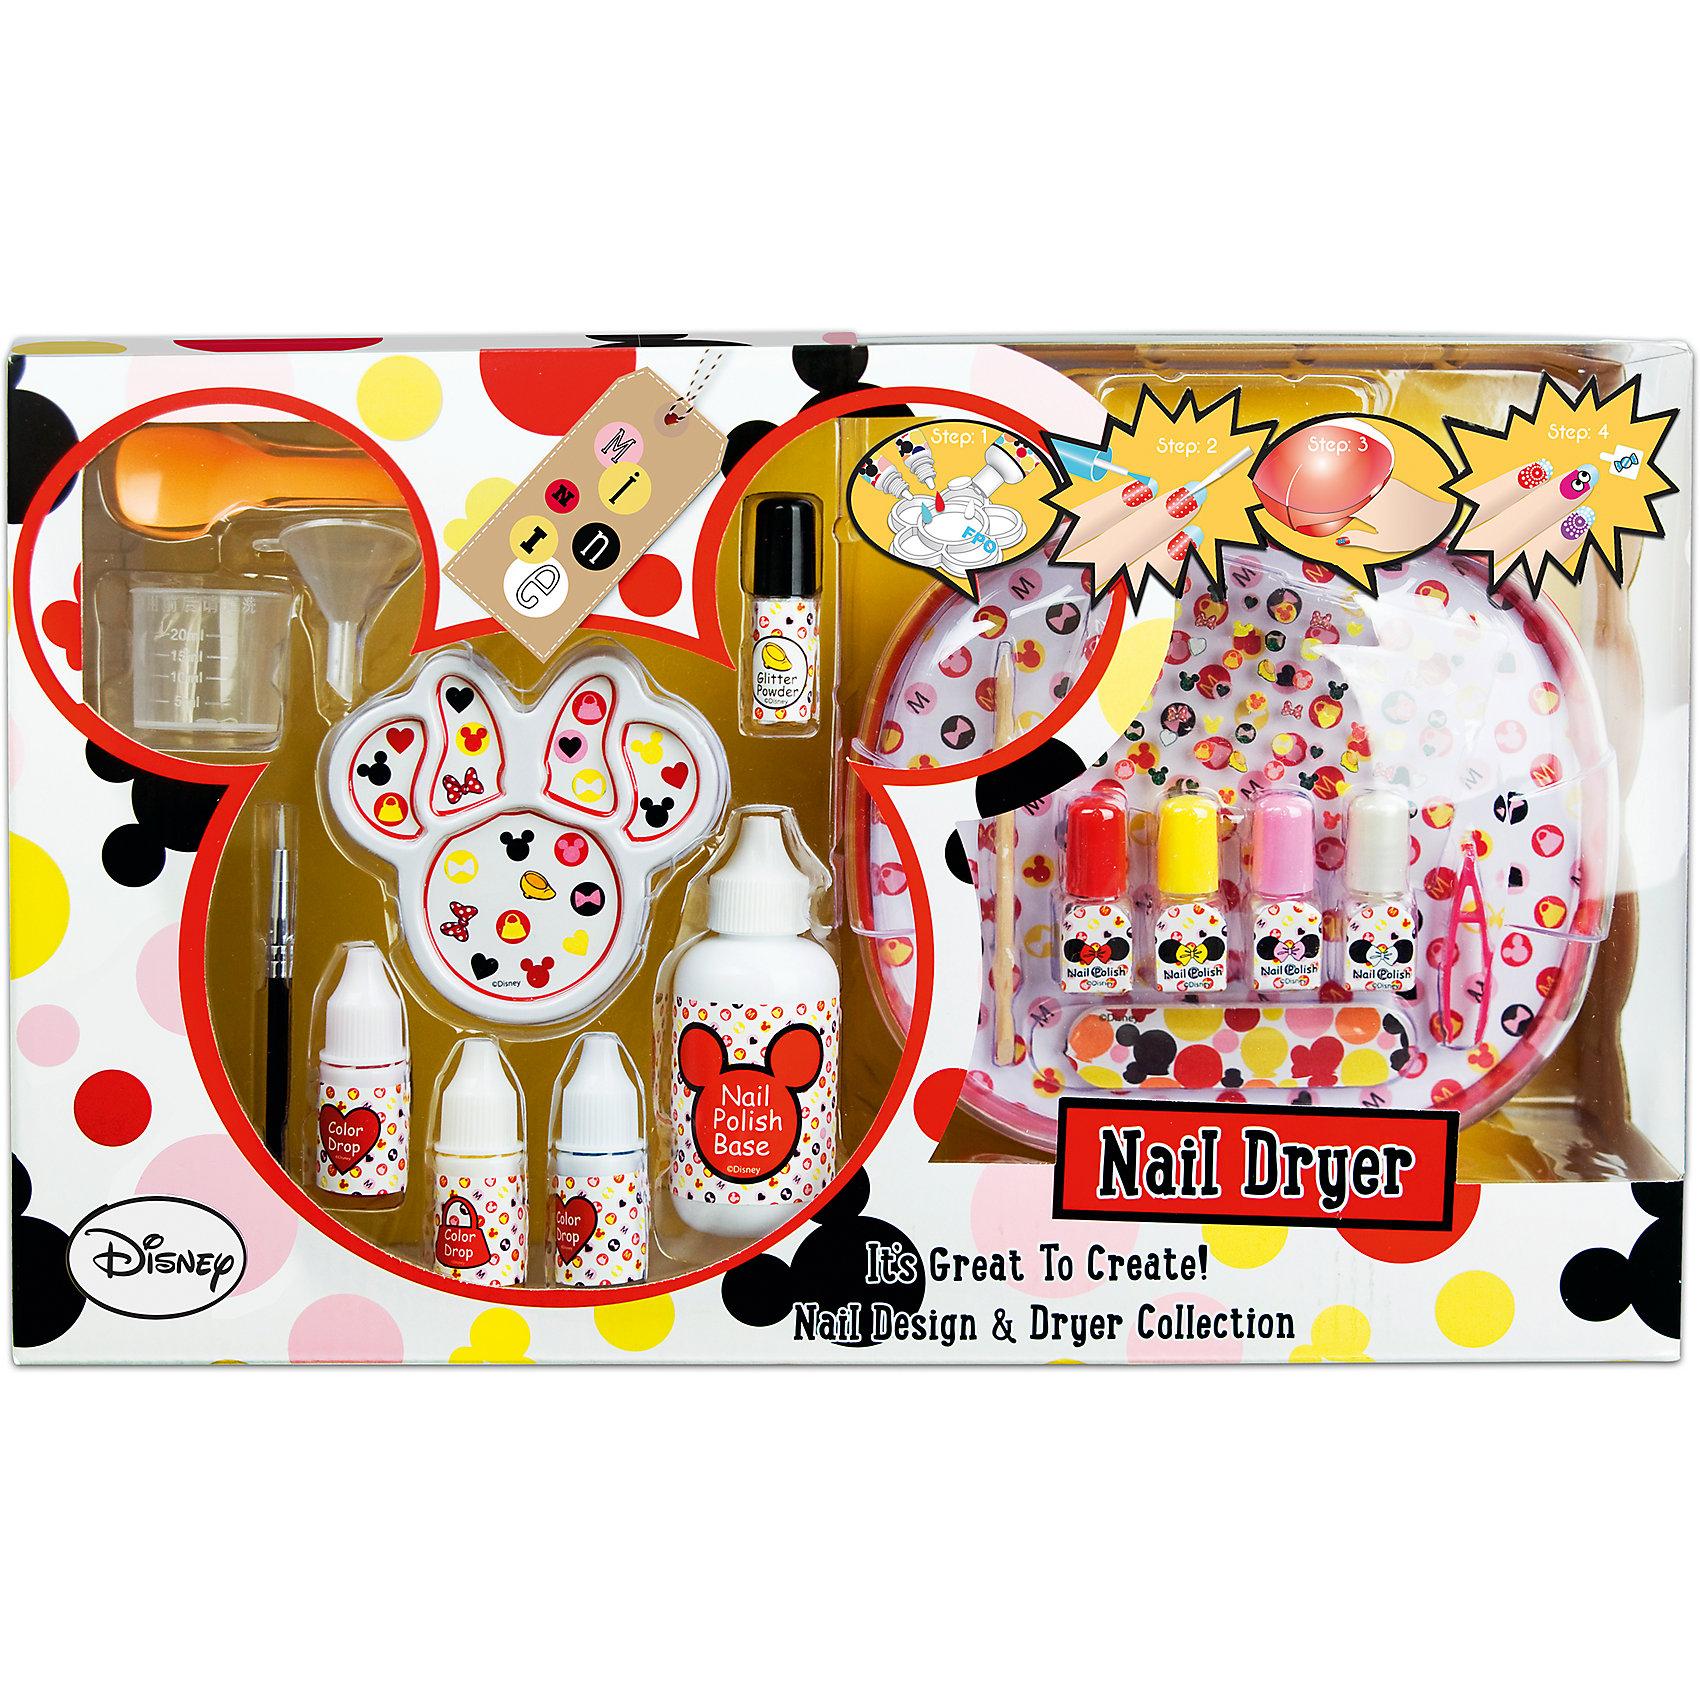 Набор детской декоративной косметики для ногтей Minnie MouseМинни Маус<br>Характеристики:<br><br>• Наименование: детская декоративная косметика<br>• Предназначение: для сюжетно-ролевых игр<br>• Серия: Микки Маус и его друзья<br>• Пол: для девочки<br>• Материал: натуральные косметические компоненты, пластик, текстиль<br>• Цвет: розовый, белый, желтый, красный и др.<br>• Комплектация: 3 оттенка красок для создания лака для ногтей, базовое вещество, блестки, палитра для смешивания компонентов, мерный стаканчик, ложечка, воронка, 4 флакона для переливания лака, палочка для кутикулы, пилочка для ногтей, пинцет, кисть для нанесения рисунка, наклейки, устройство для сушки лака<br>• Батарейки: 4 шт. типа АА (в наборе не предусмотрены)<br>• Размеры (Д*Ш*В): 40*24*13 см<br>• Вес: 755 г <br>• Упаковка: картонная коробка с блистером<br><br>Игровой набор детской декоративной косметики для ногтей, Минни Маус – это набор игровой детской косметики от Markwins, которая вот уже несколько десятилетий специализируется на выпуске детской косметики. Рецептура декоративной детской косметики разработана совместно с косметологами и медиками, в основе рецептуры – водная основа, а потому она гипоаллергенны, не вызывает раздражений на детской коже и легко смывается, не оставляя следа. Безопасность продукции подтверждена международными сертификатами качества и безопасности. <br>Игровой набор детской декоративной косметики состоит из базовых средств и приспособлений для создания лака дизайнерских оттенков. В комплекте имеются инструменты и аксессуары, с которыми можно создать целую студию дизайнерского маникюра. Косметические средства, входящие в состав набора, имеют длительный срок хранения – 12 месяцев. Набор выполнен в брендовом дизайне популярной серии Микки Маус и его друзья. Игровой набор детской декоративной косметики от Markwins может стать незаменимым праздничным подарком для любой маленькой модницы!<br><br>Игровой набор детской декоративной косметики для ногтей, Минни Маус можно купить